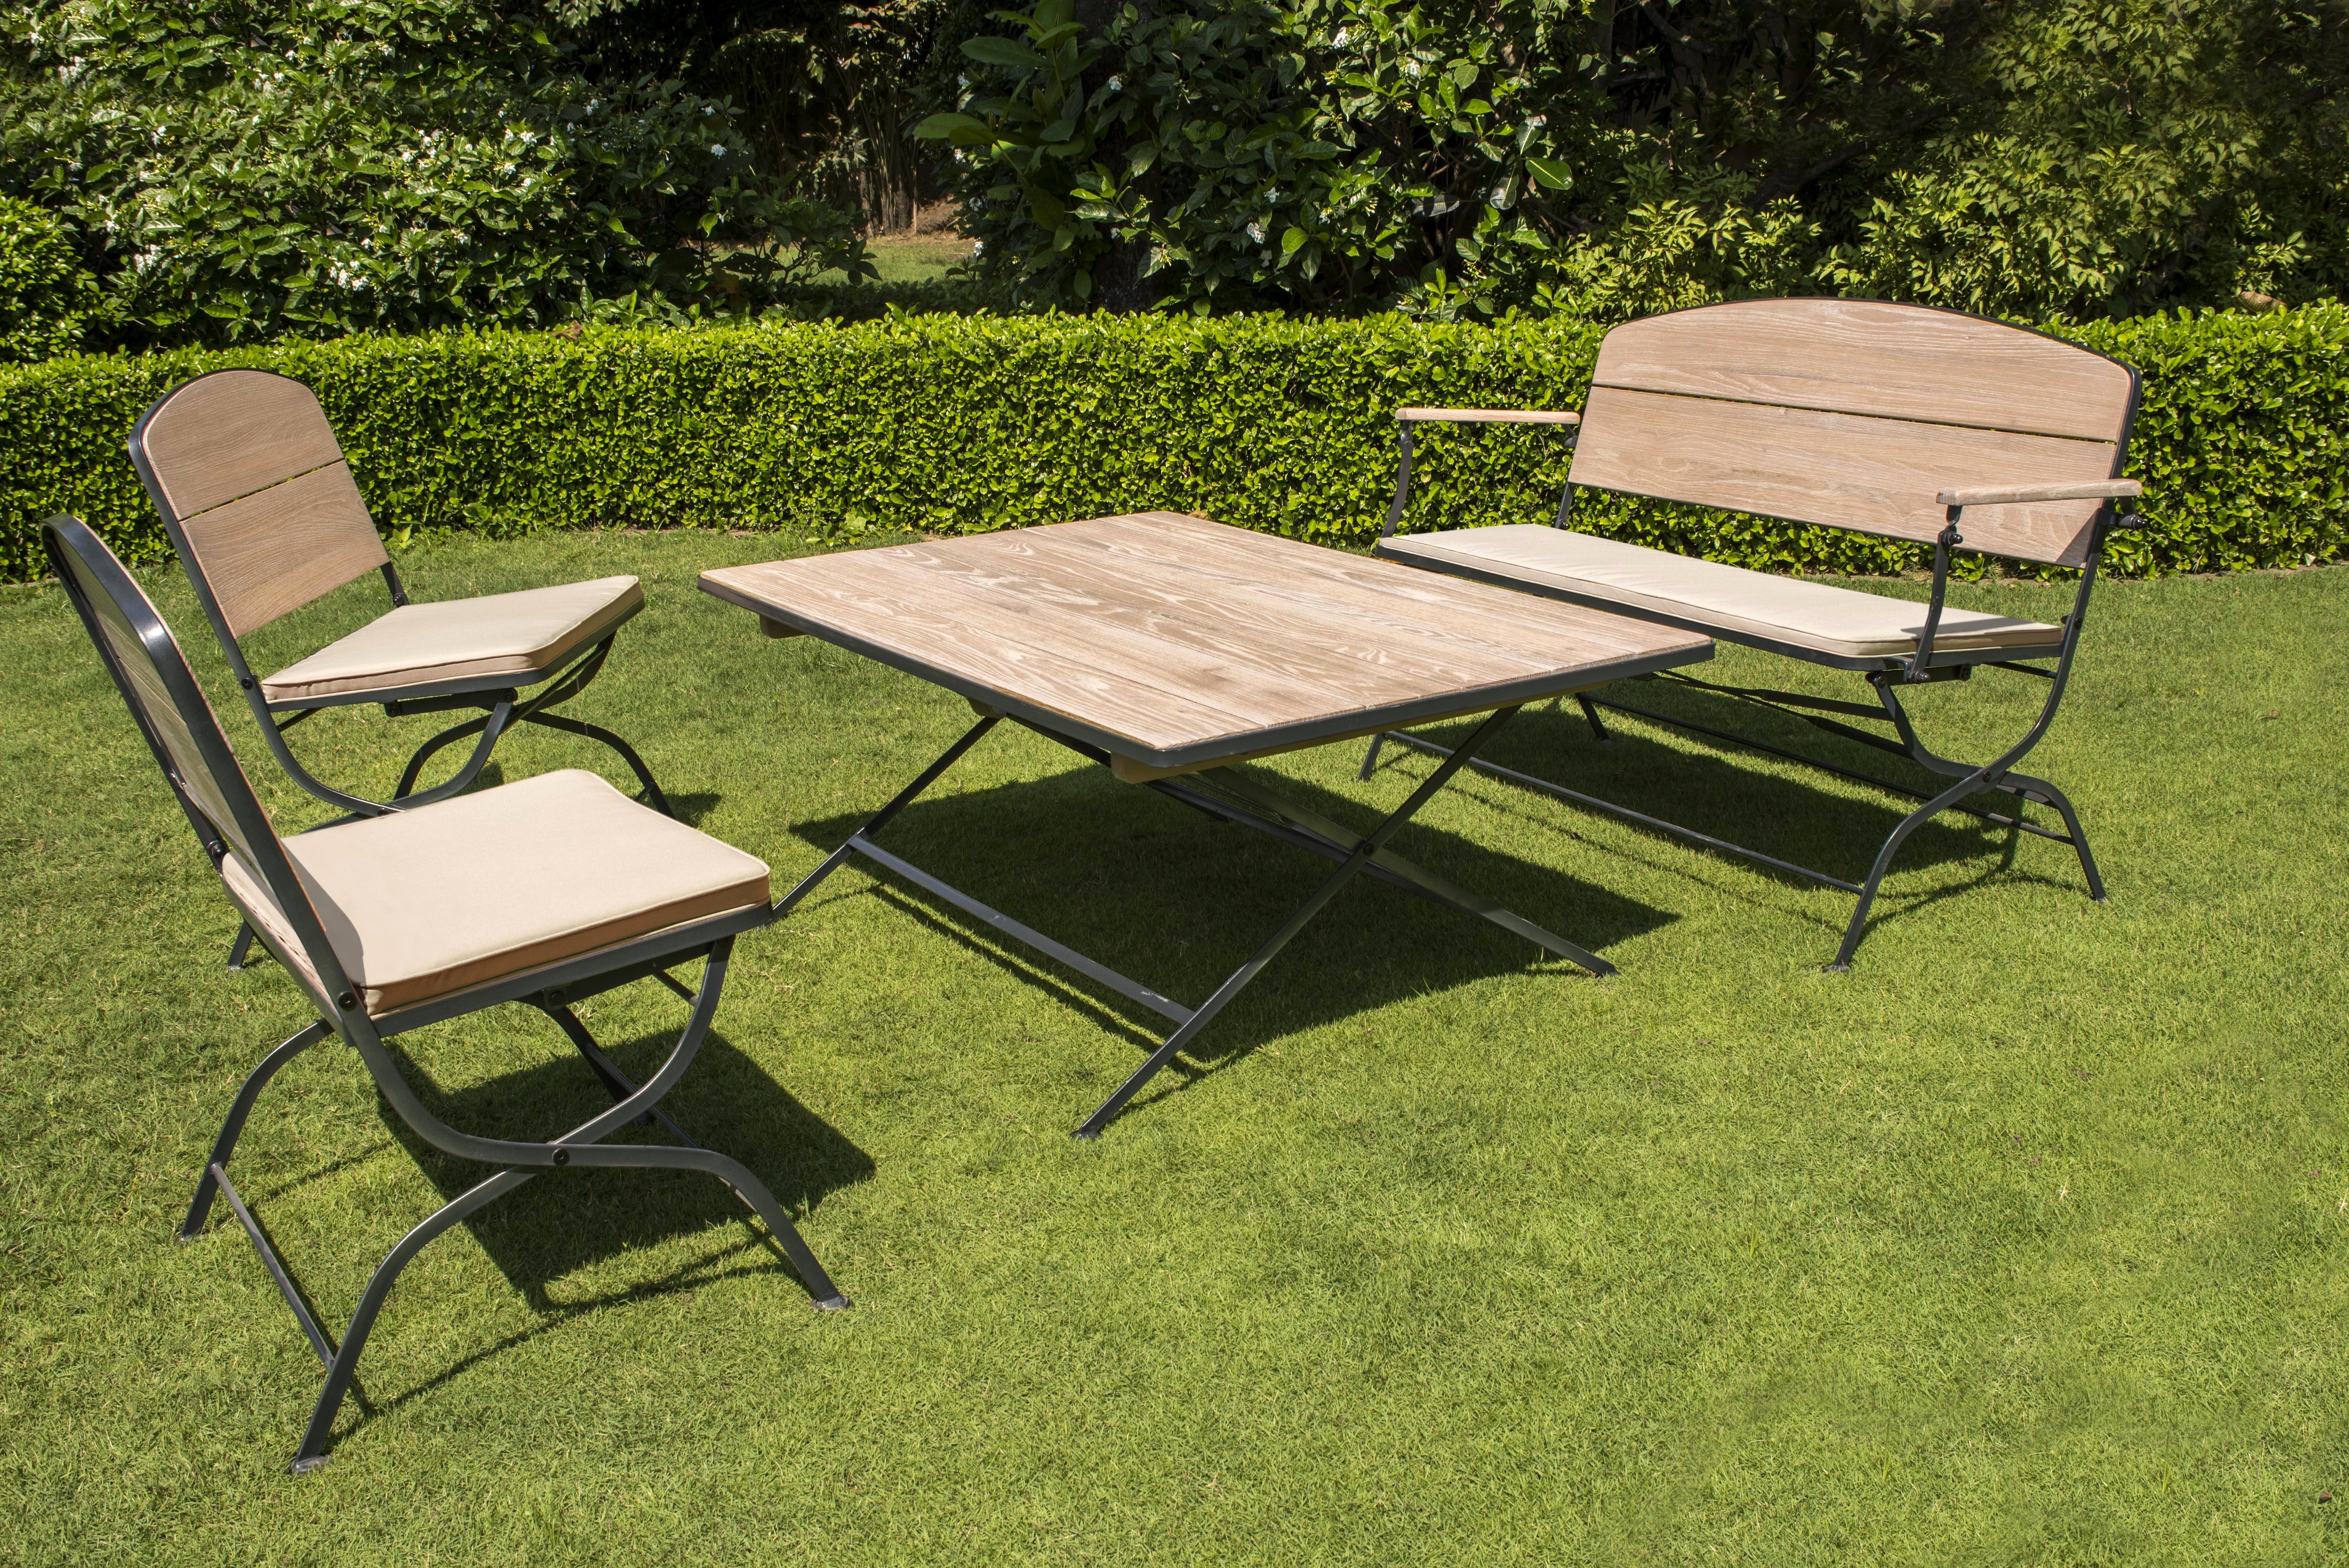 Salon Jardin Ikea Moderne Chaise Empilable Ikea Amazing ... concernant Banc De Jardin Ikea